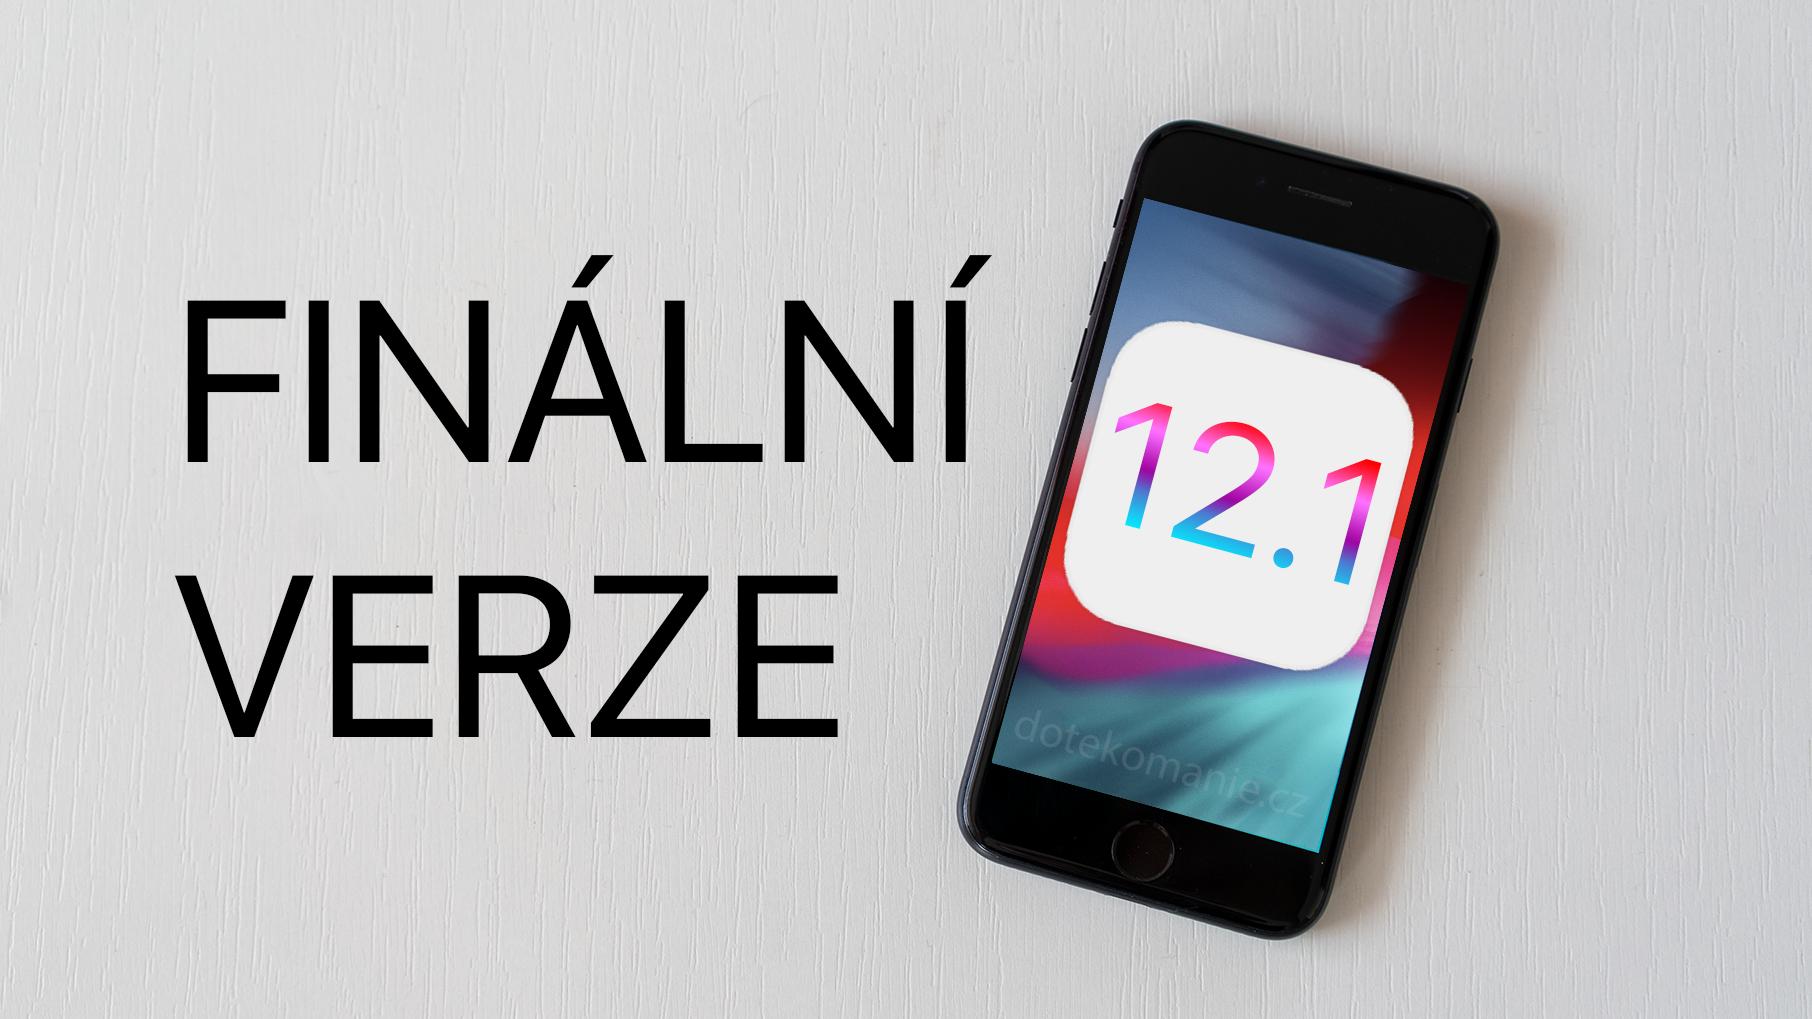 Apple vydal iOS 12.1, podívejte se na veškeré novinky